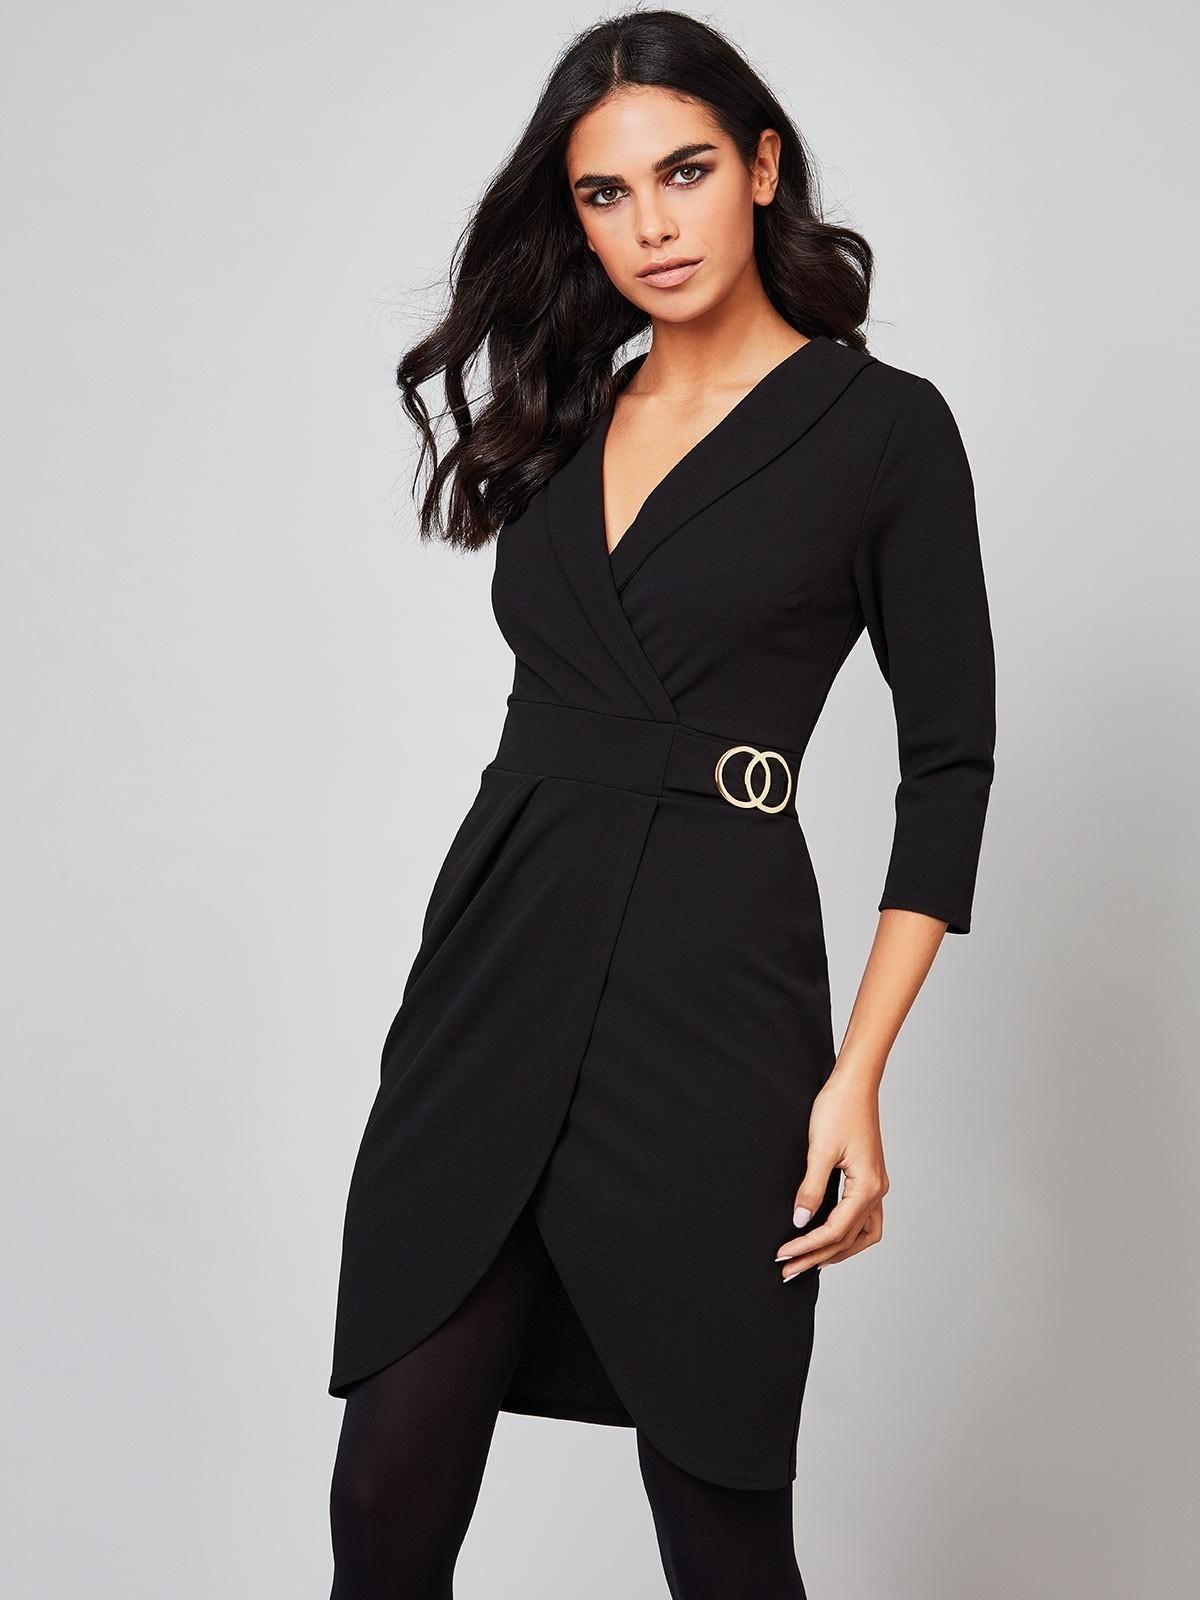 dd0bbeb0254704 Womens ENVY Black Blazer Dress | Peacocks | ♛ Smart Casual ♛ To ...